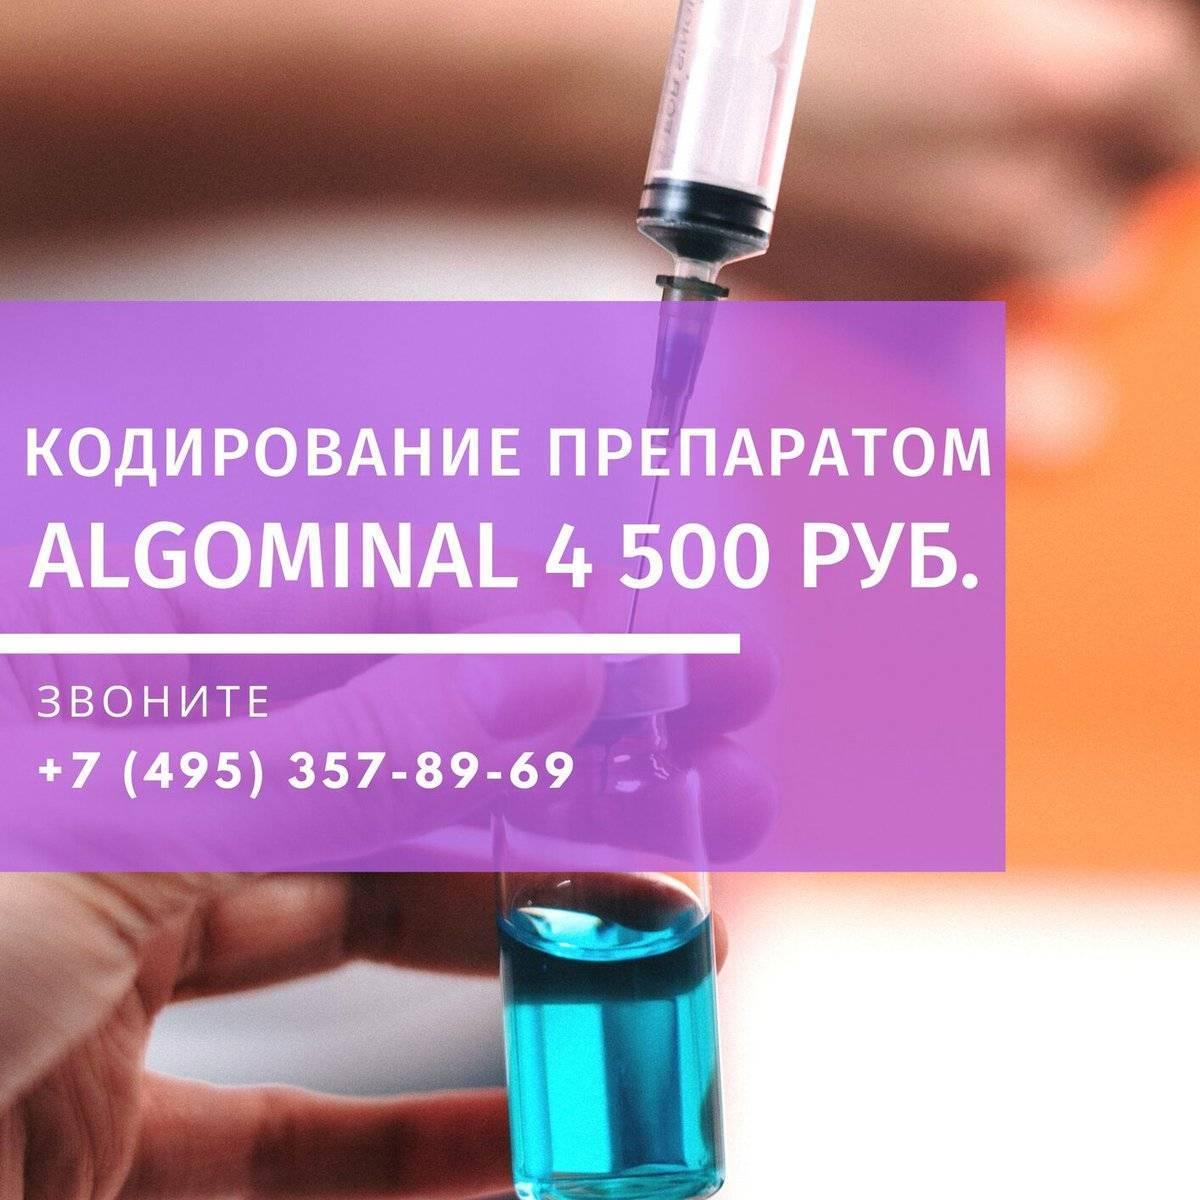 Алгоминал: методика кодирования и эффективность препарата